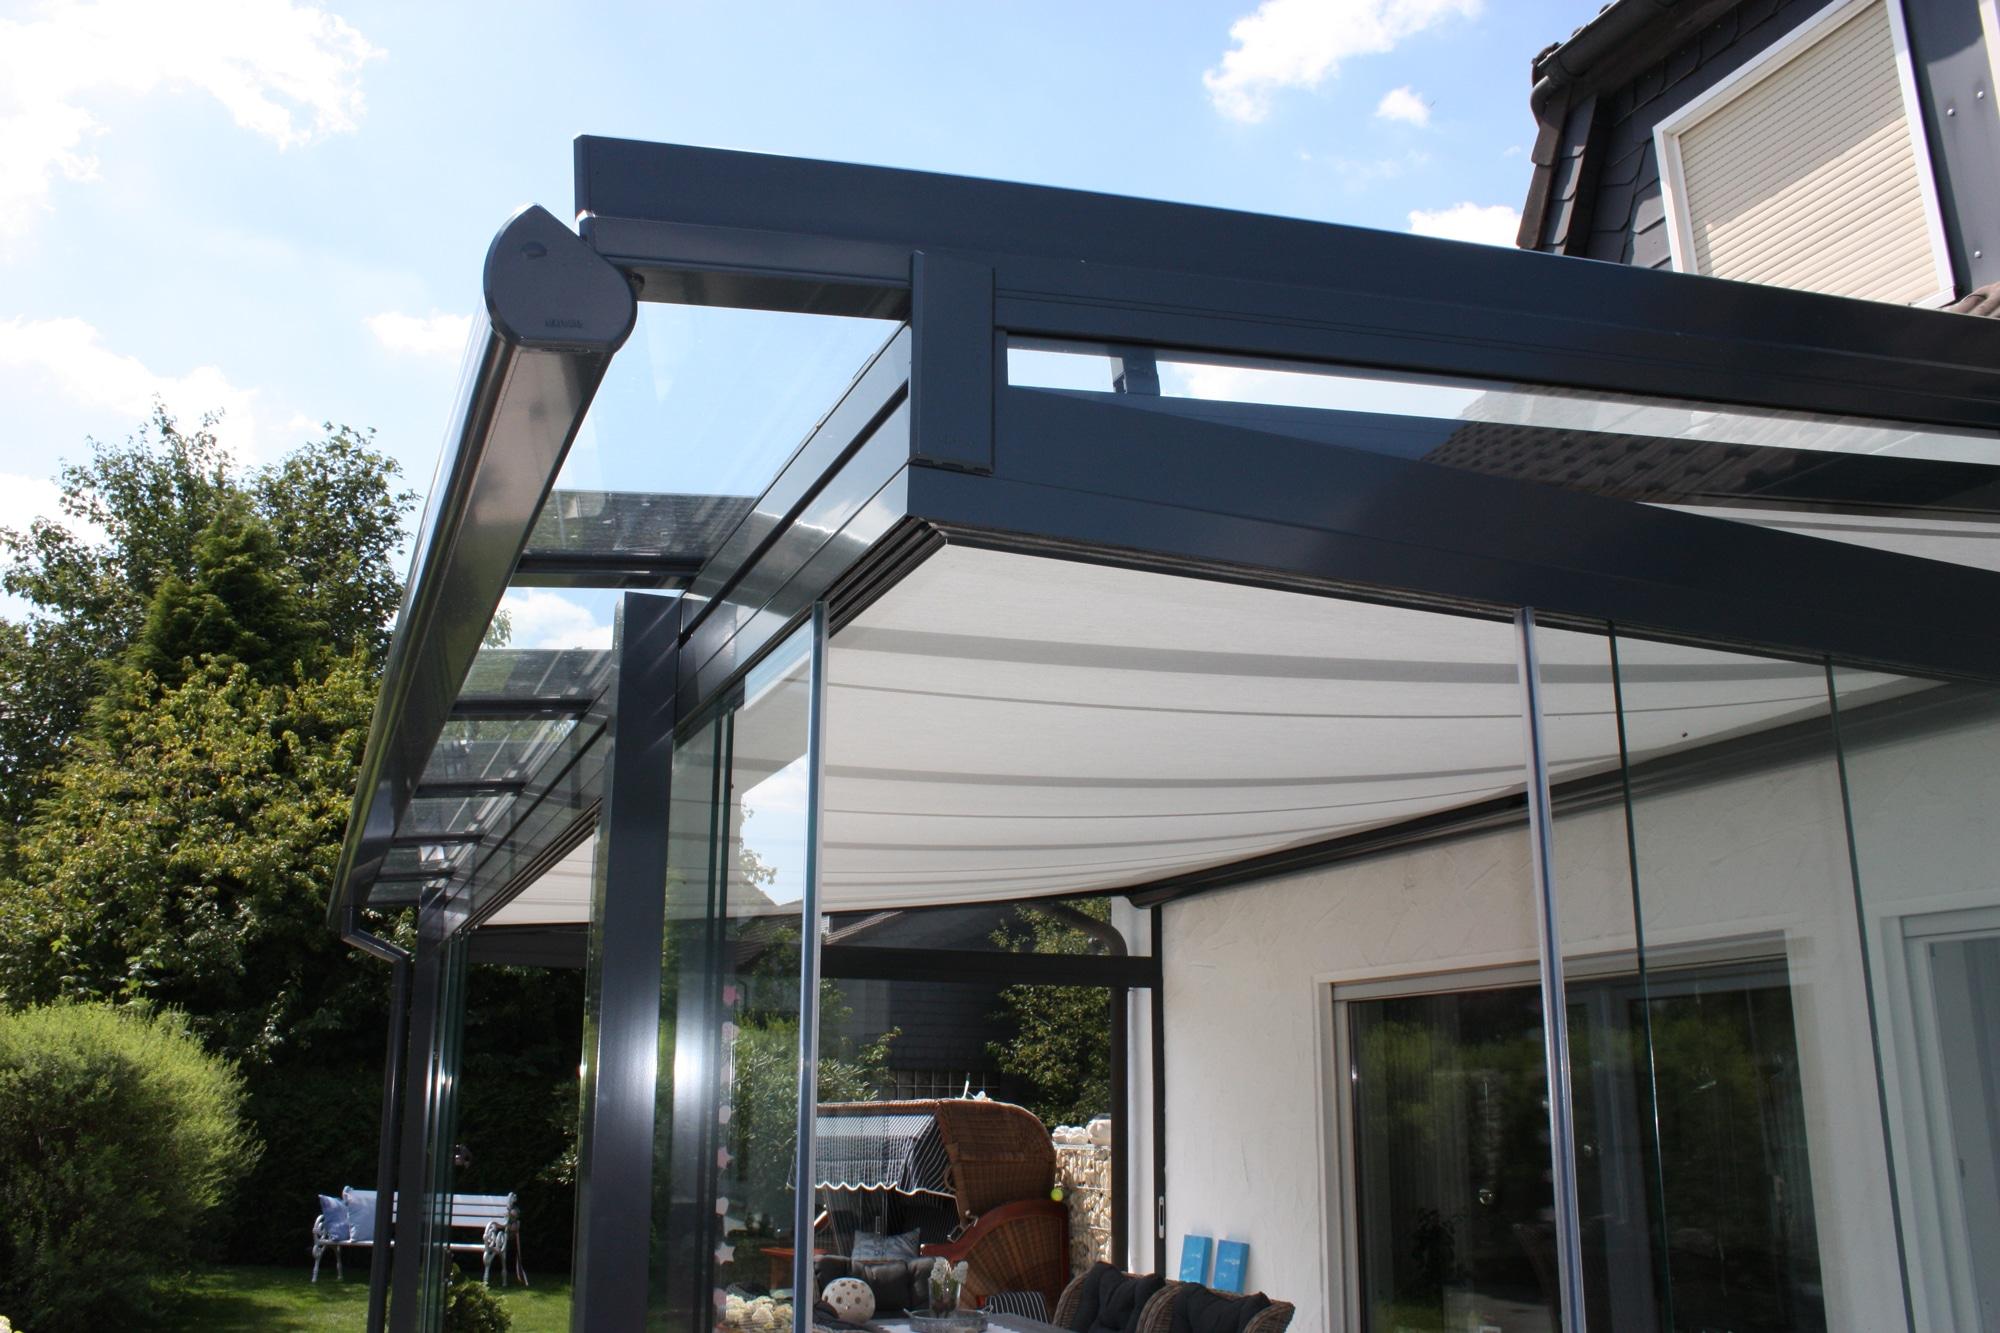 Terrassenüberdachung Alu Glas mit Seitenwand